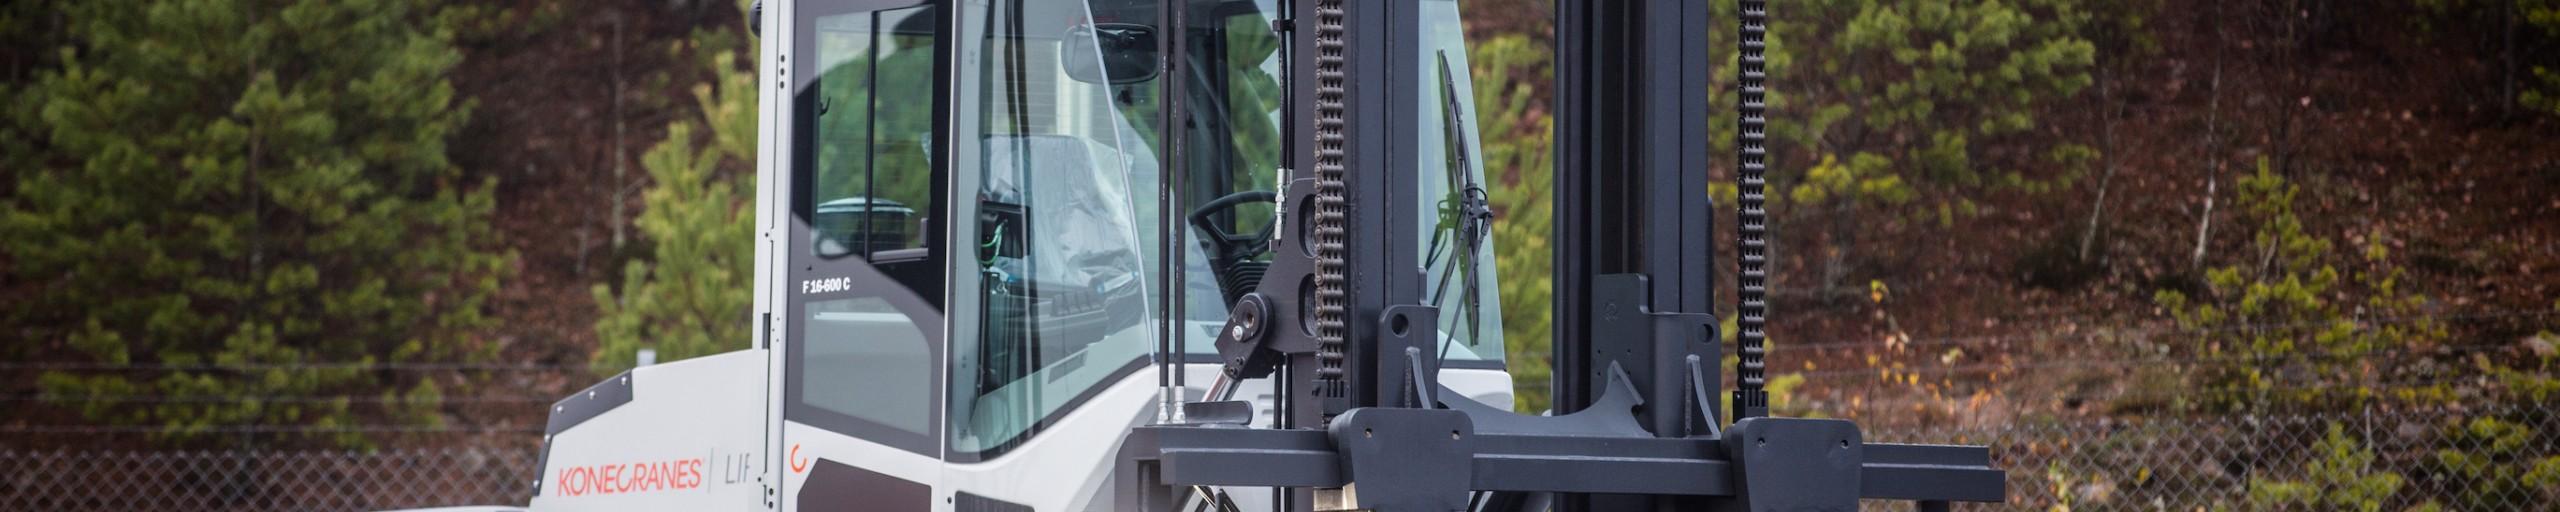 Forklifts, 14 - 16 tons   Konecranes Lift trucks